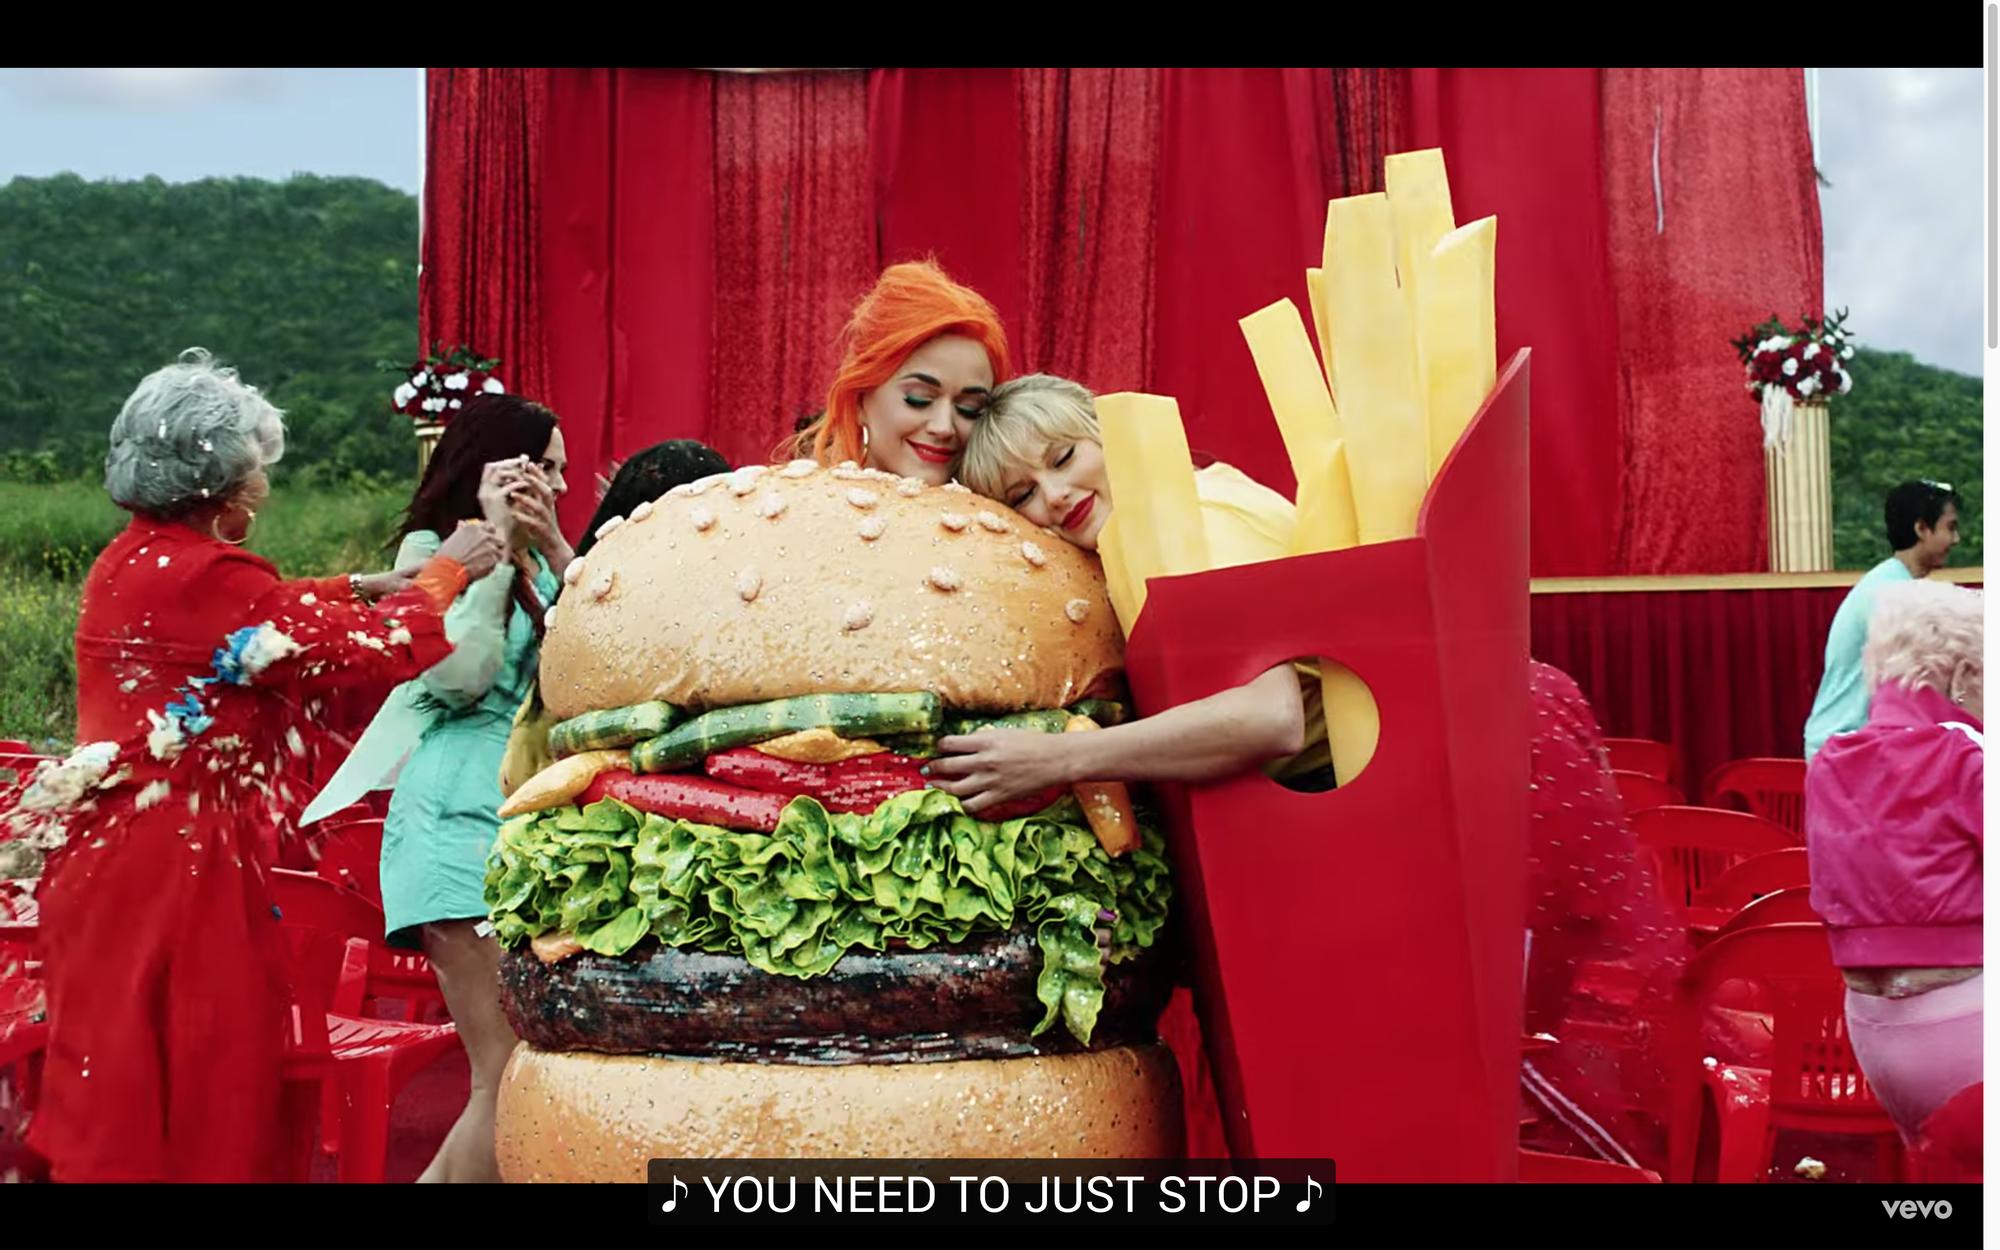 Taylor Swift tung MV mới: Khi đẳng cấp ngôi sao lớn chẳng còn được định nghĩa bằng những số liệu hư vô - Ảnh 2.